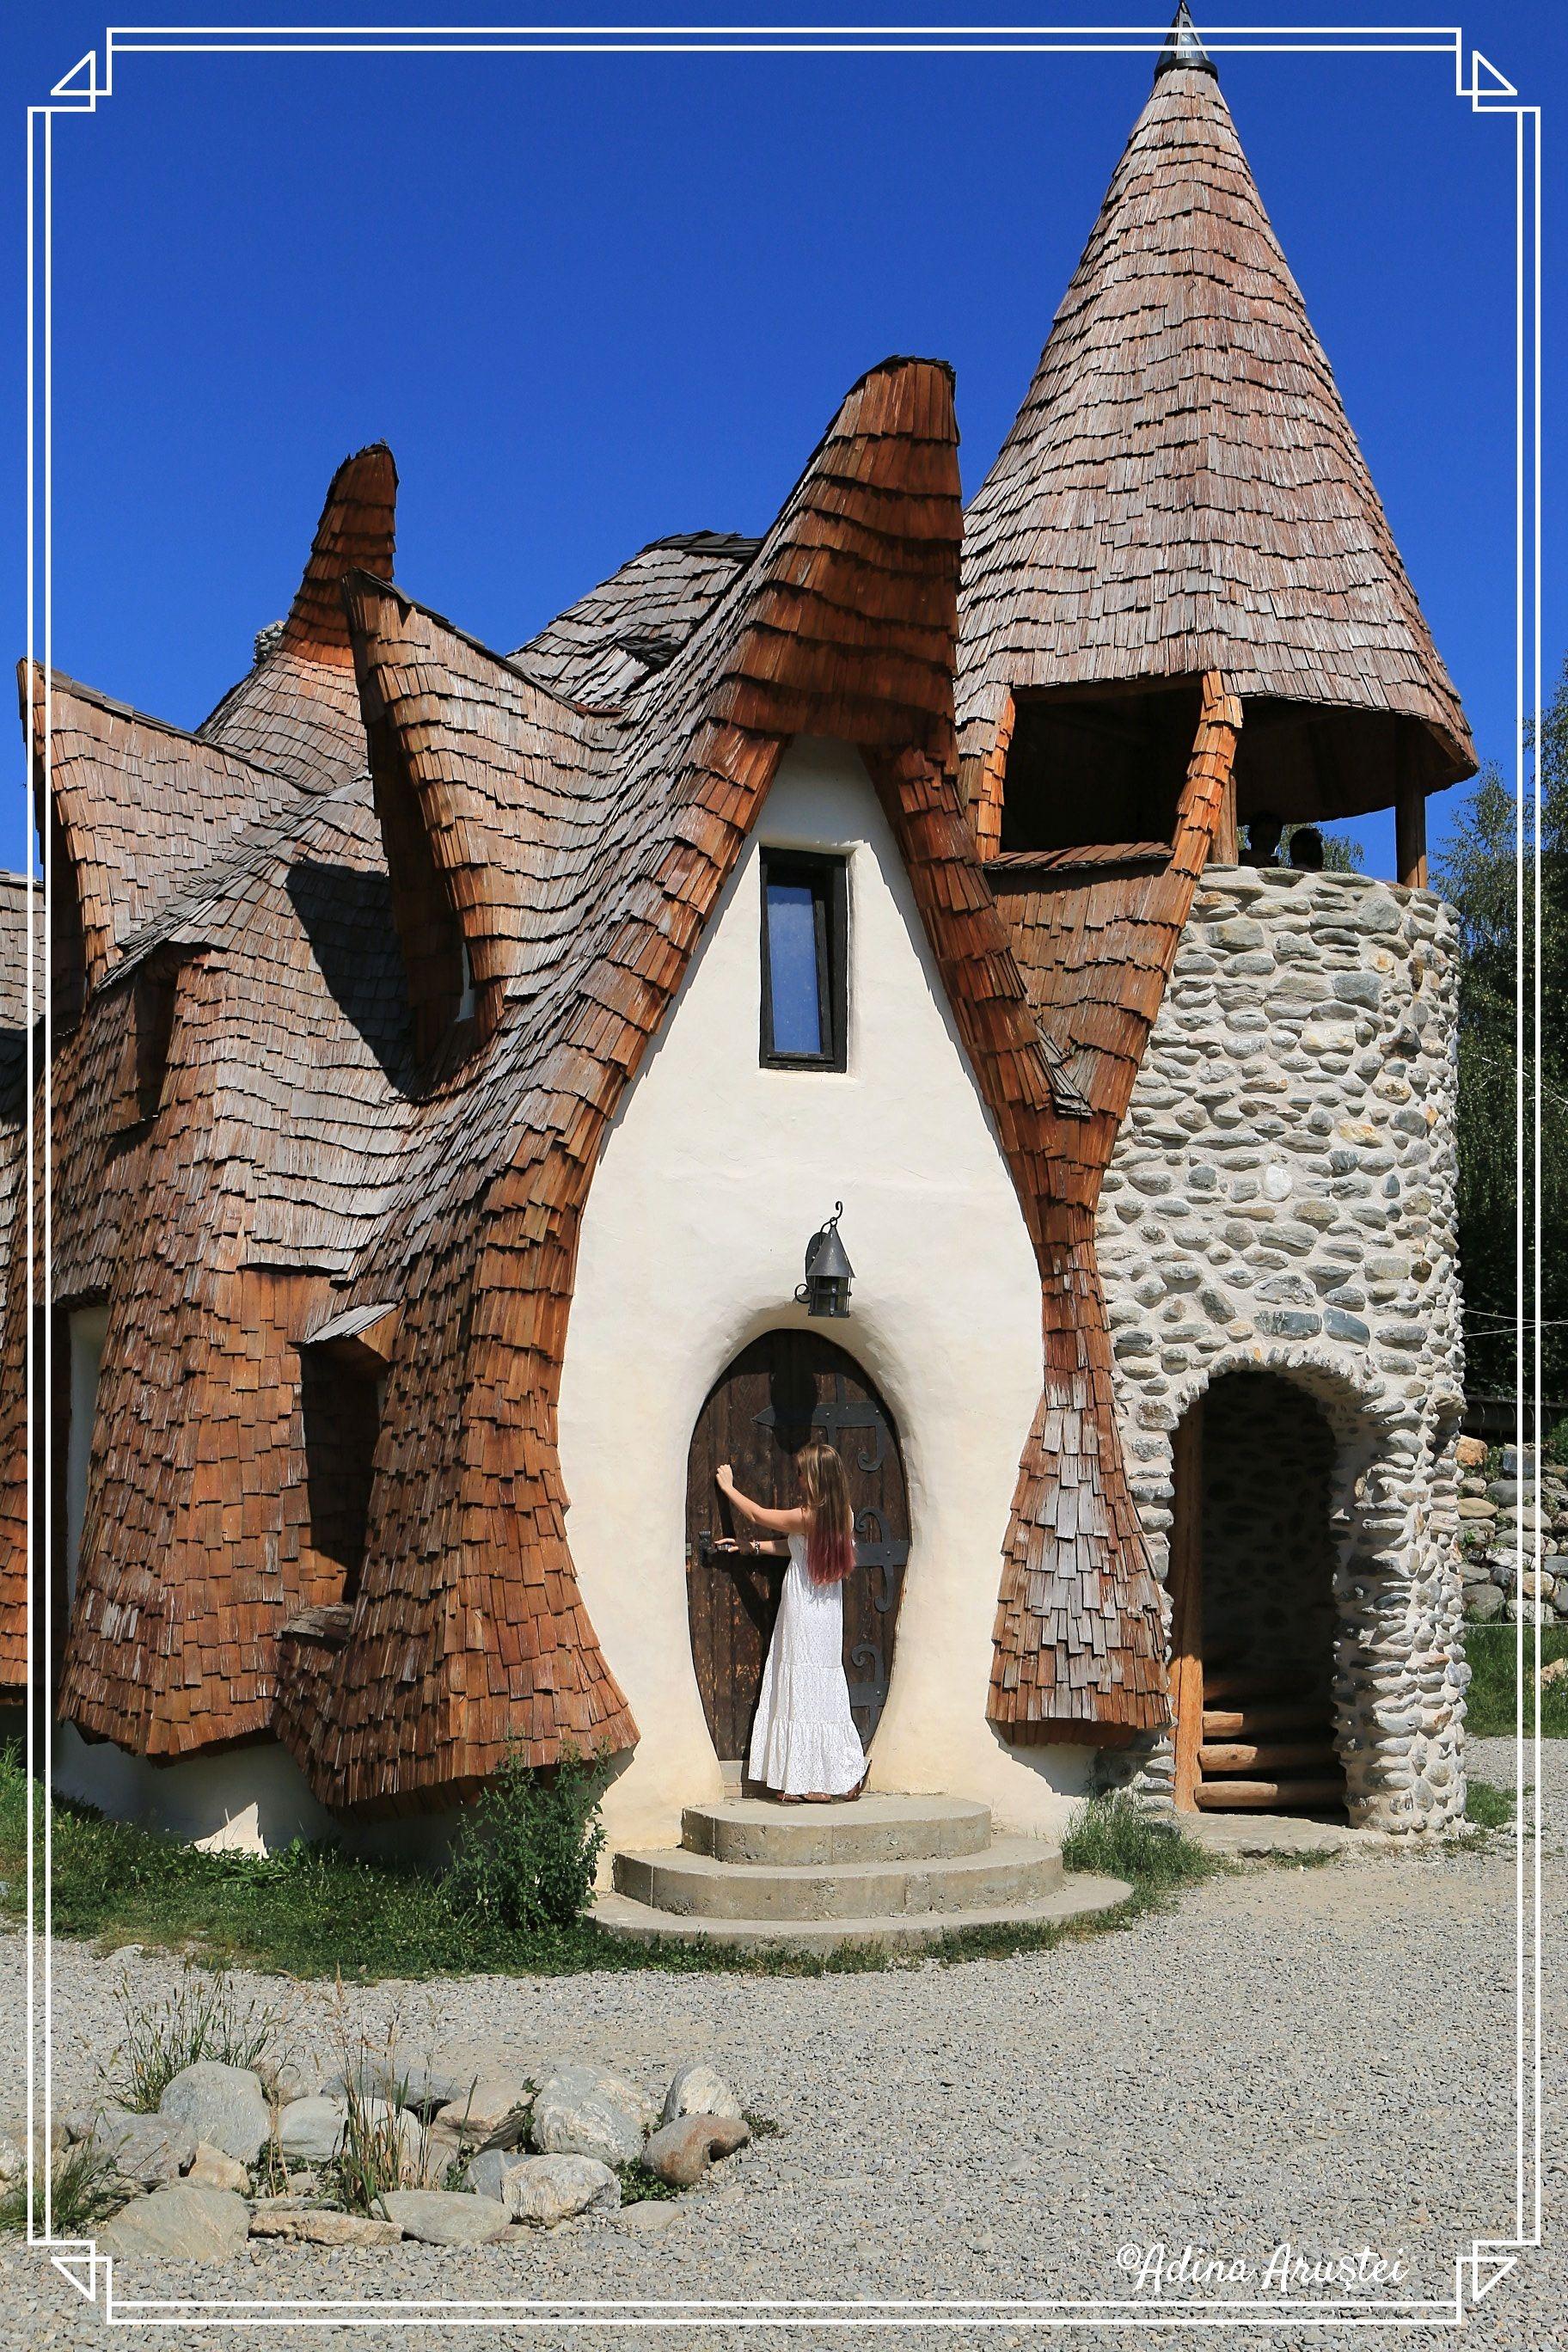 Castelul de lut din Valea Zanelor Porumbacu de Sus (1)